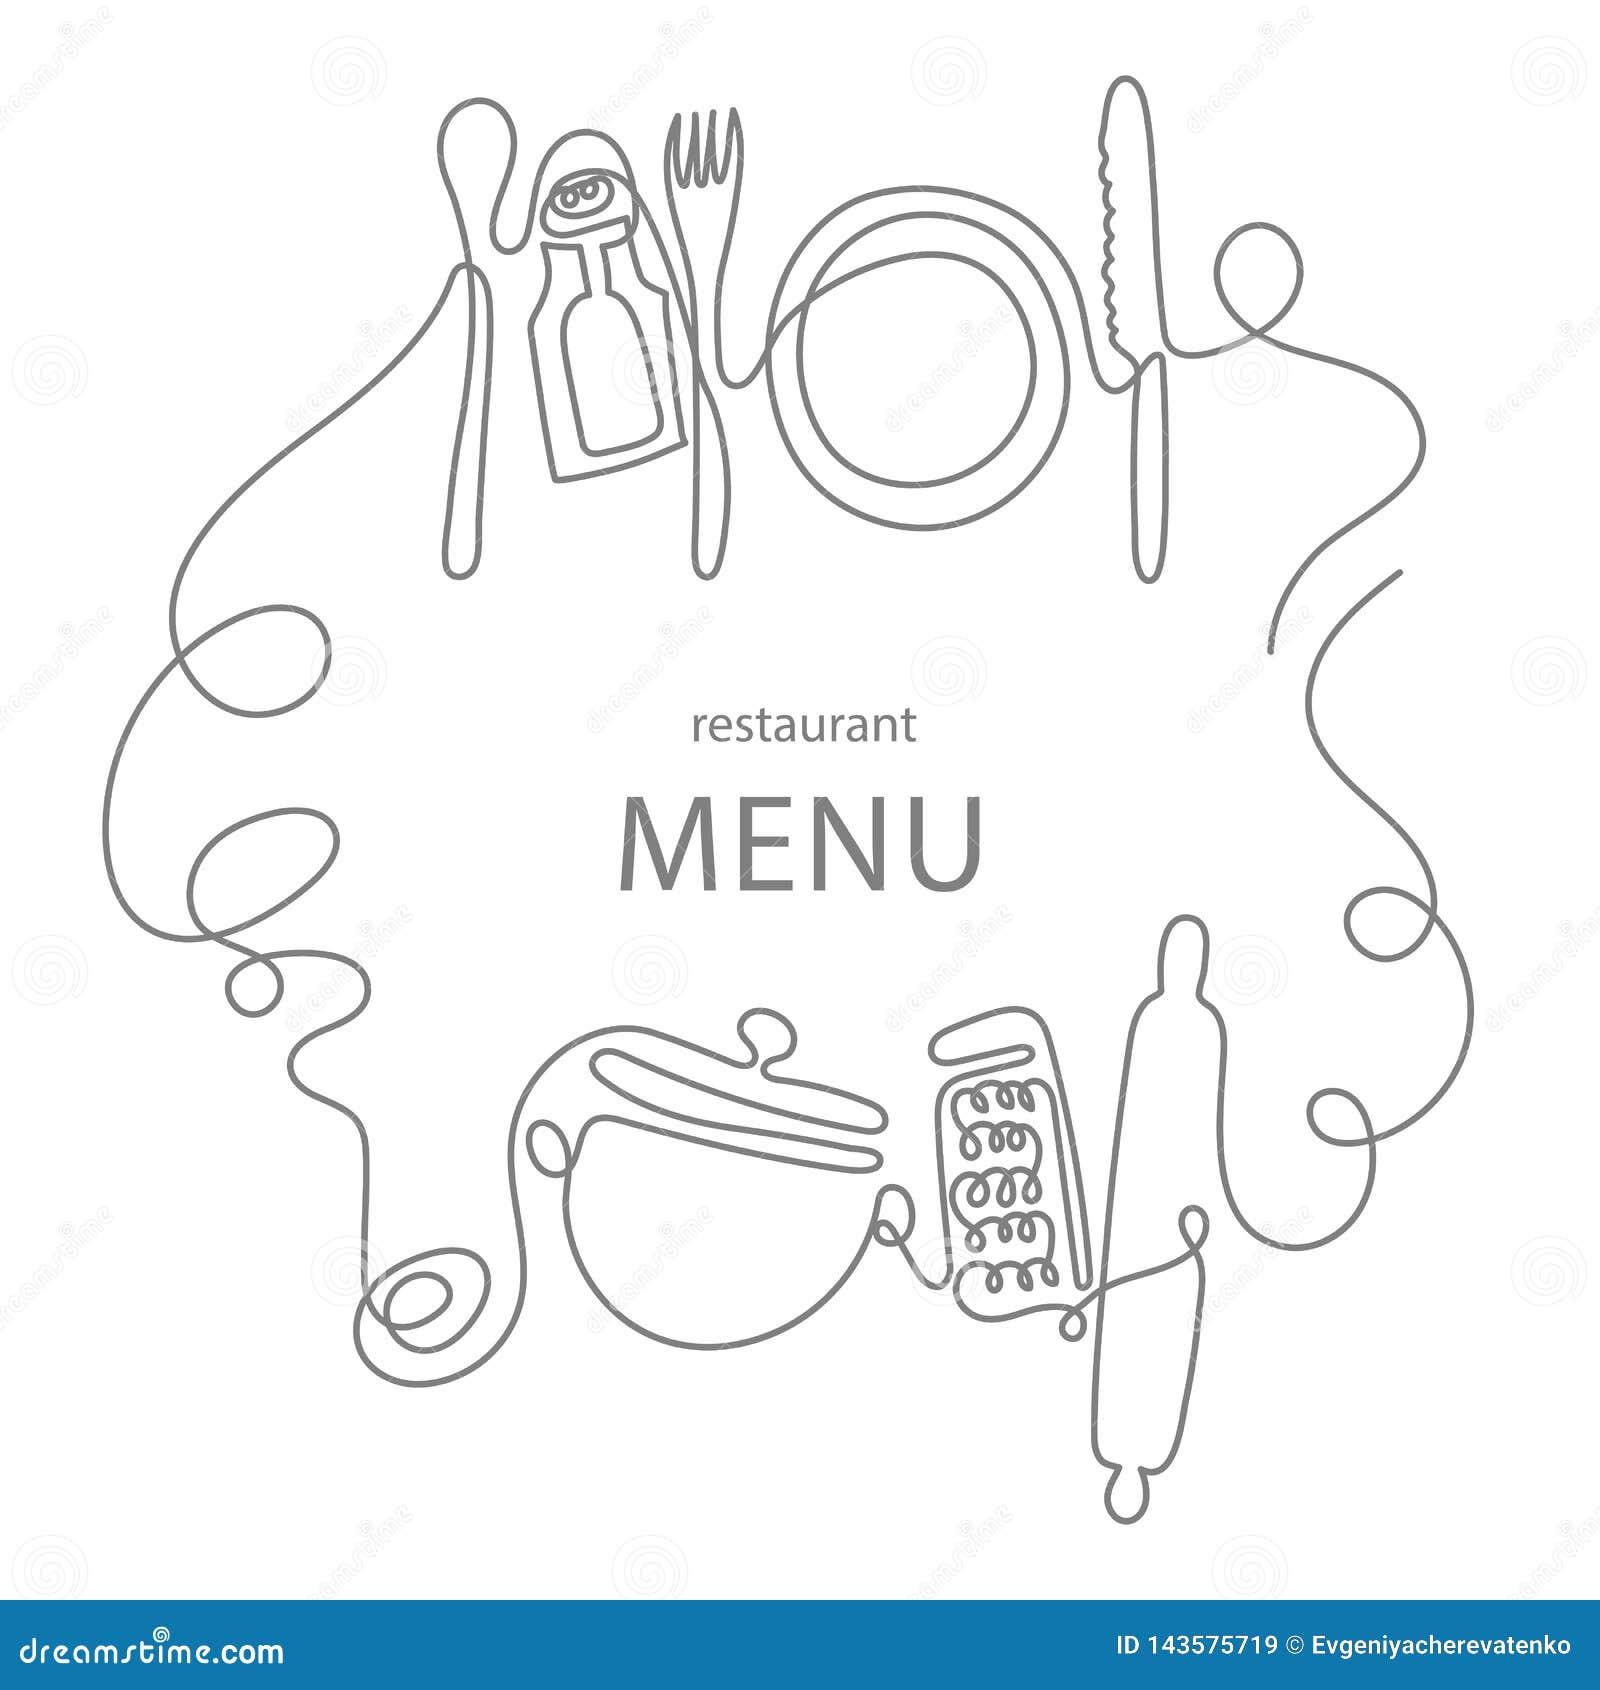 Un concept de dessin au trait pour un menu de restaurant Schéma continu de couteau, fourchette, plat, casserole, cuillère, râpe,